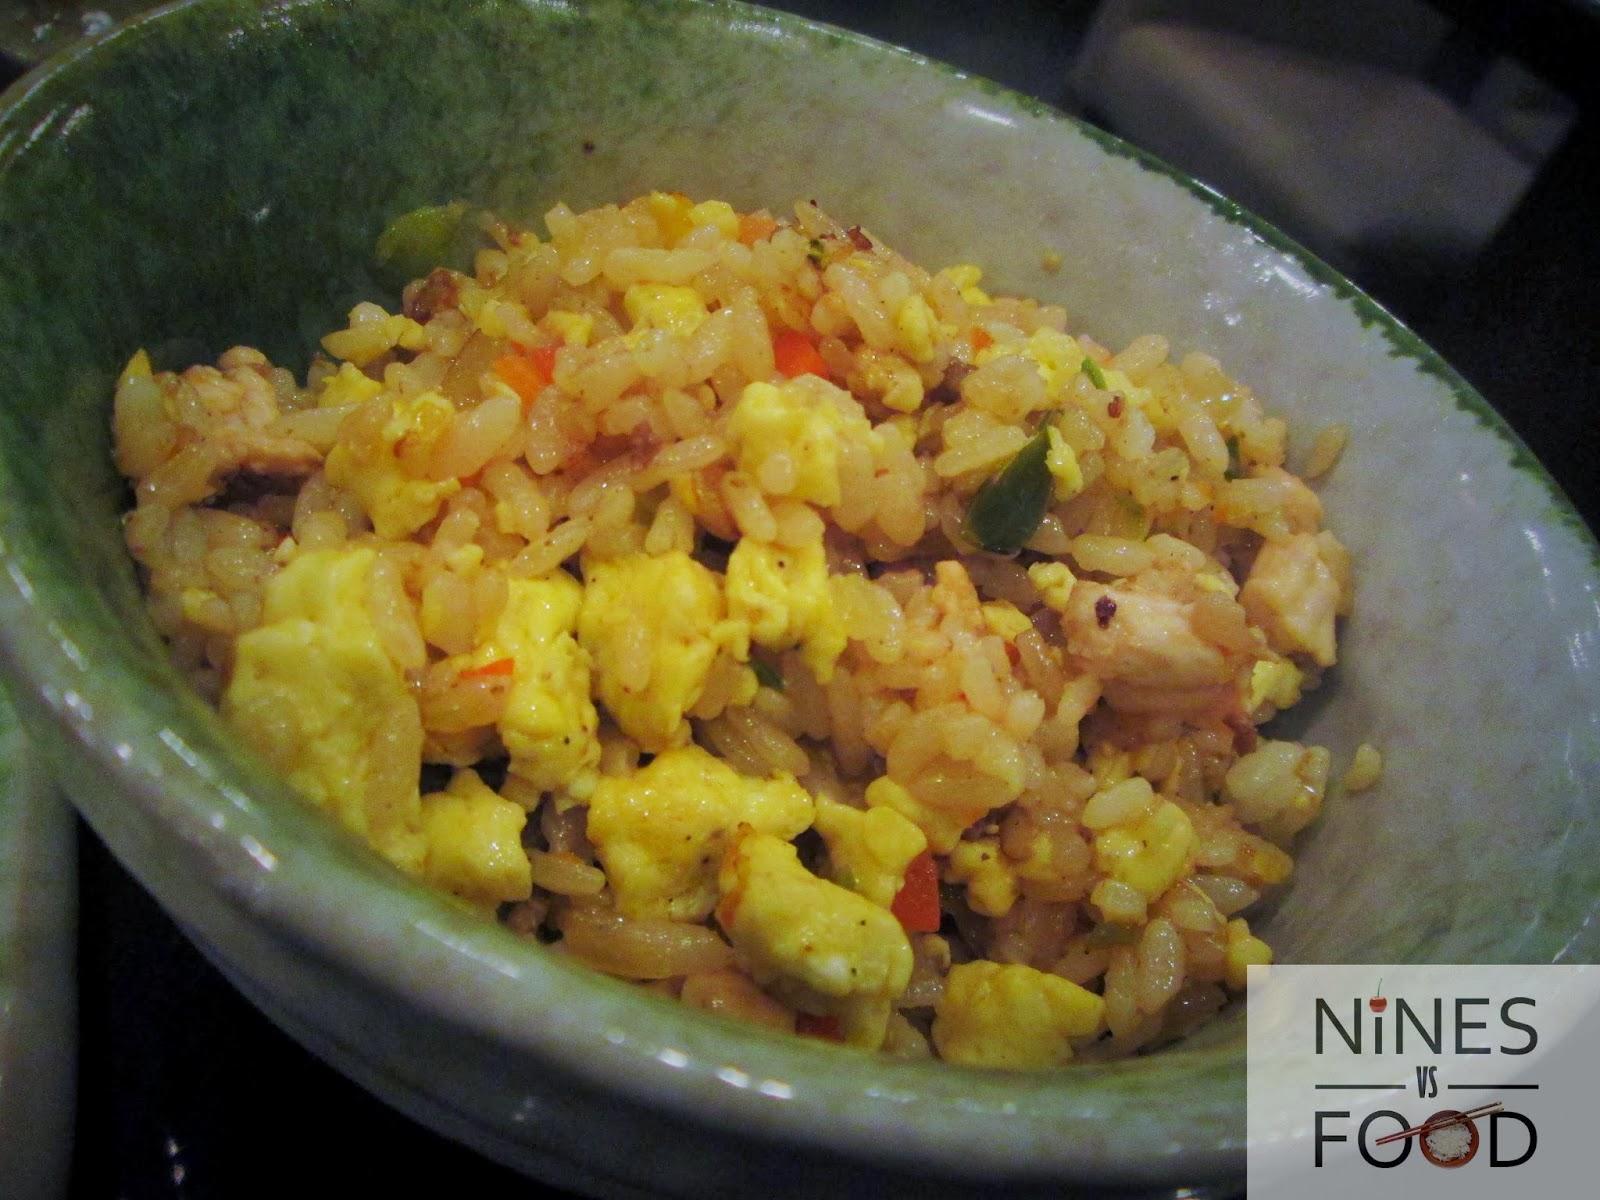 Nines vs. Food - Ogetsu Hime SM Aura Taguig-19.jpg